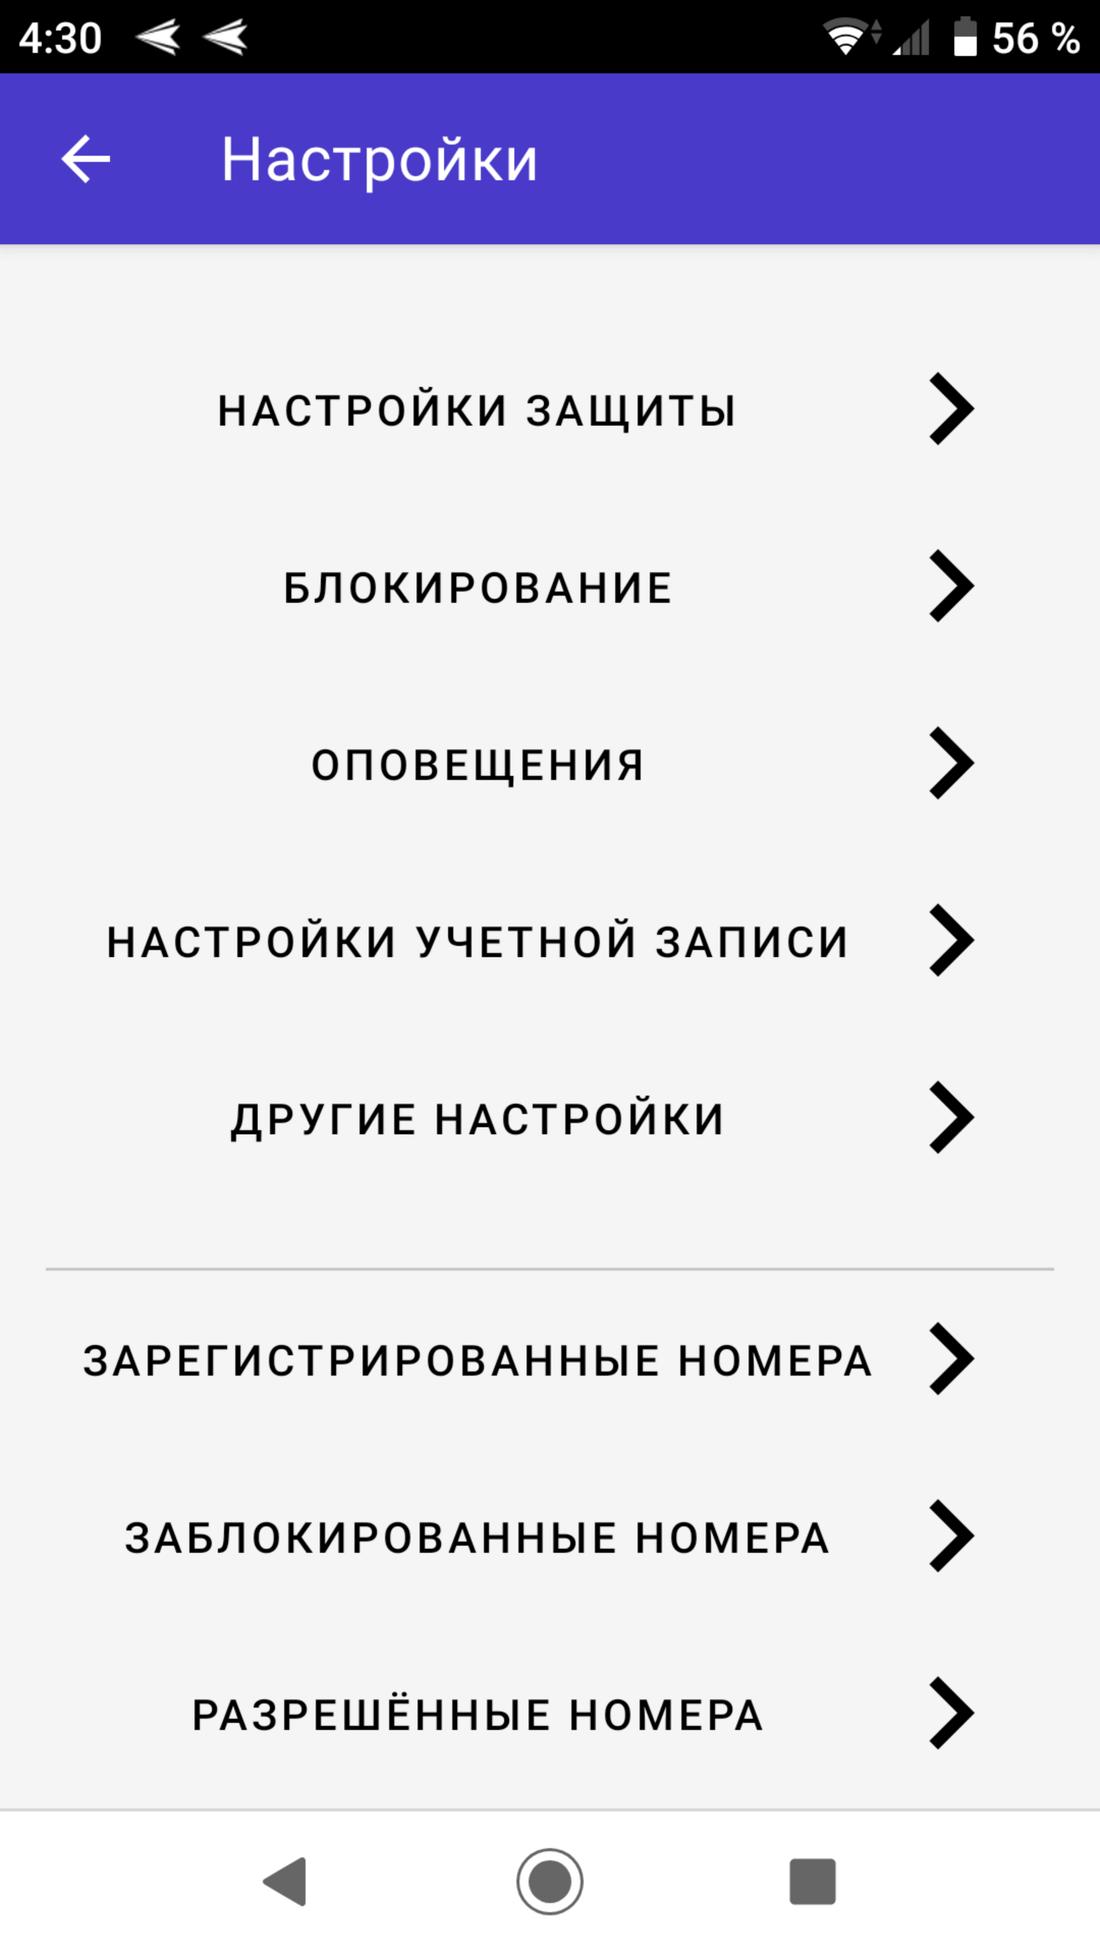 Скриншот #4 из программы Не бери трубку 2019